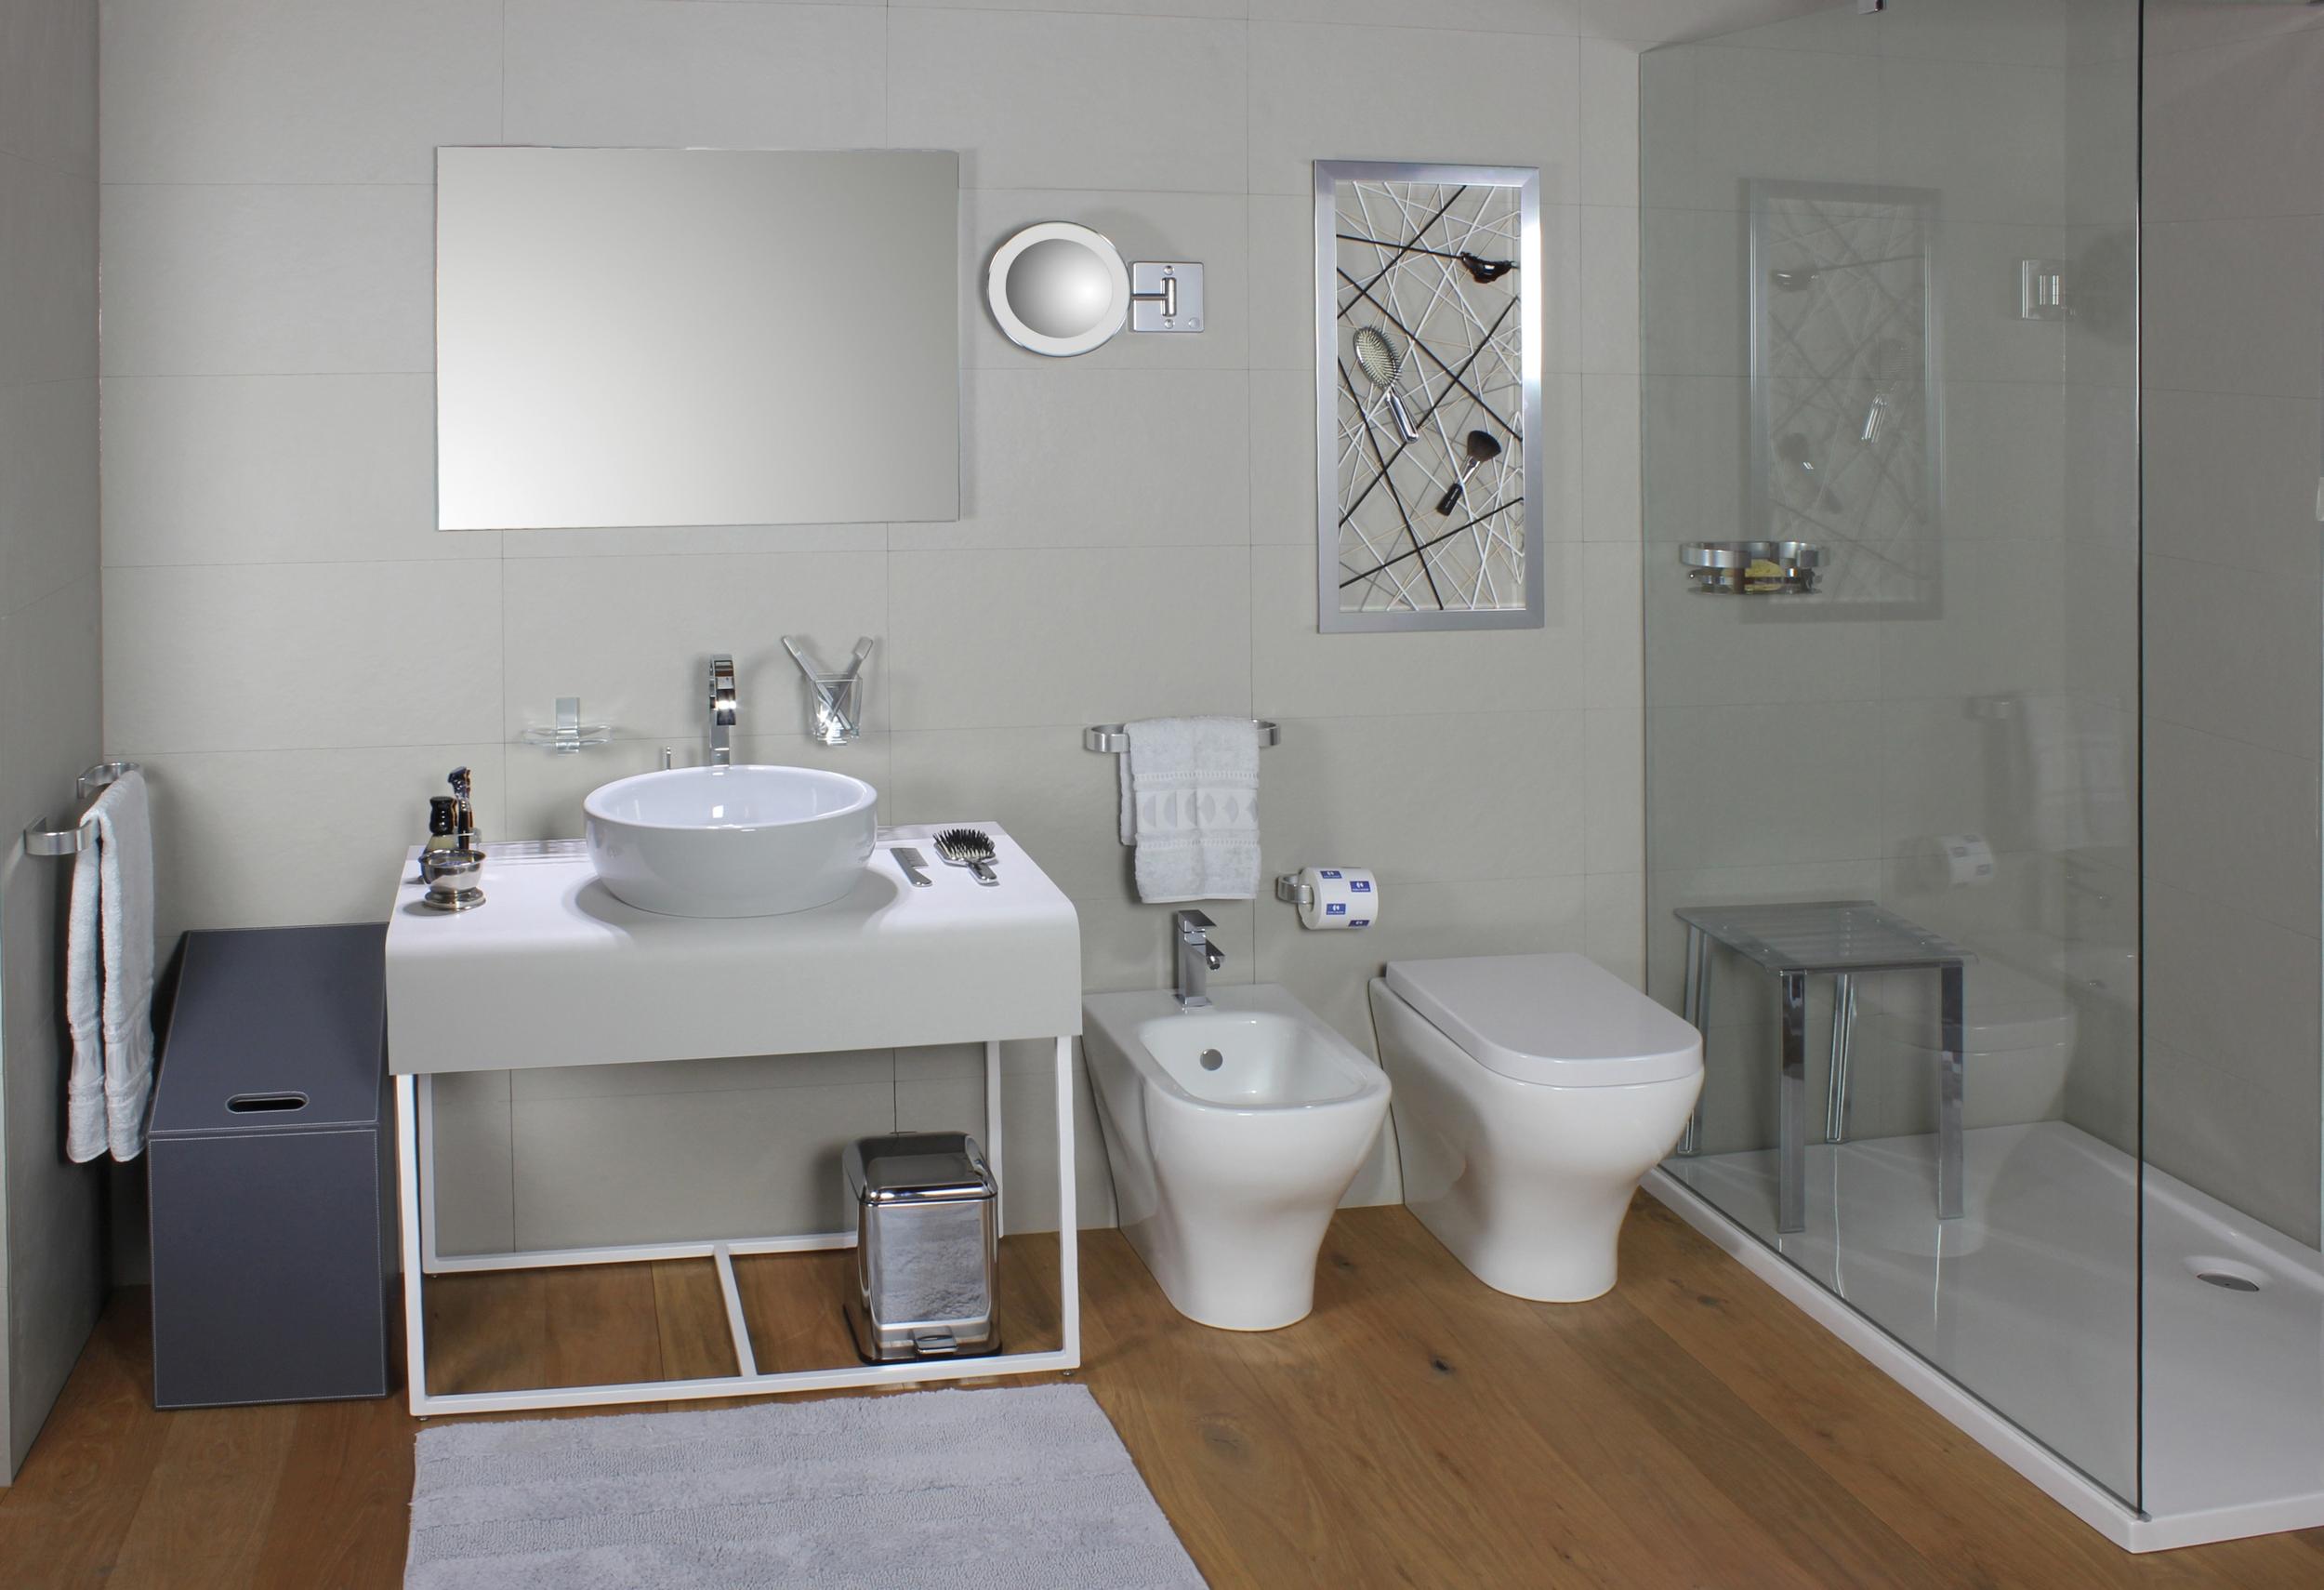 koh i noor filo lucido spiegel mit kantenschliff 400 x 900 mm 45554. Black Bedroom Furniture Sets. Home Design Ideas